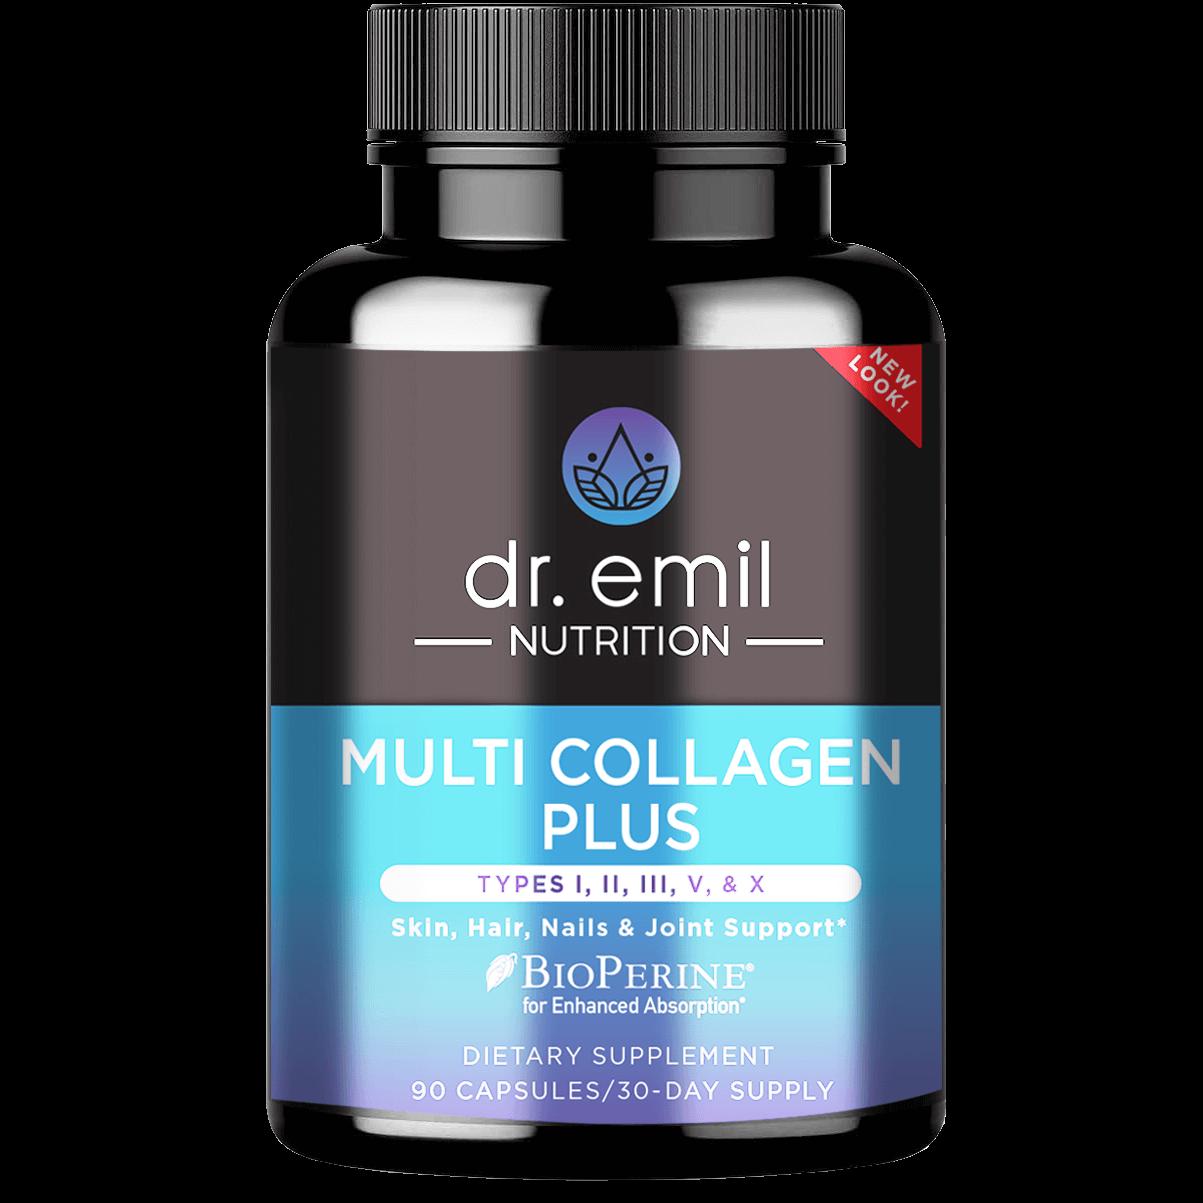 A bottle of Dr. Emil's Multi Collagen Plus.